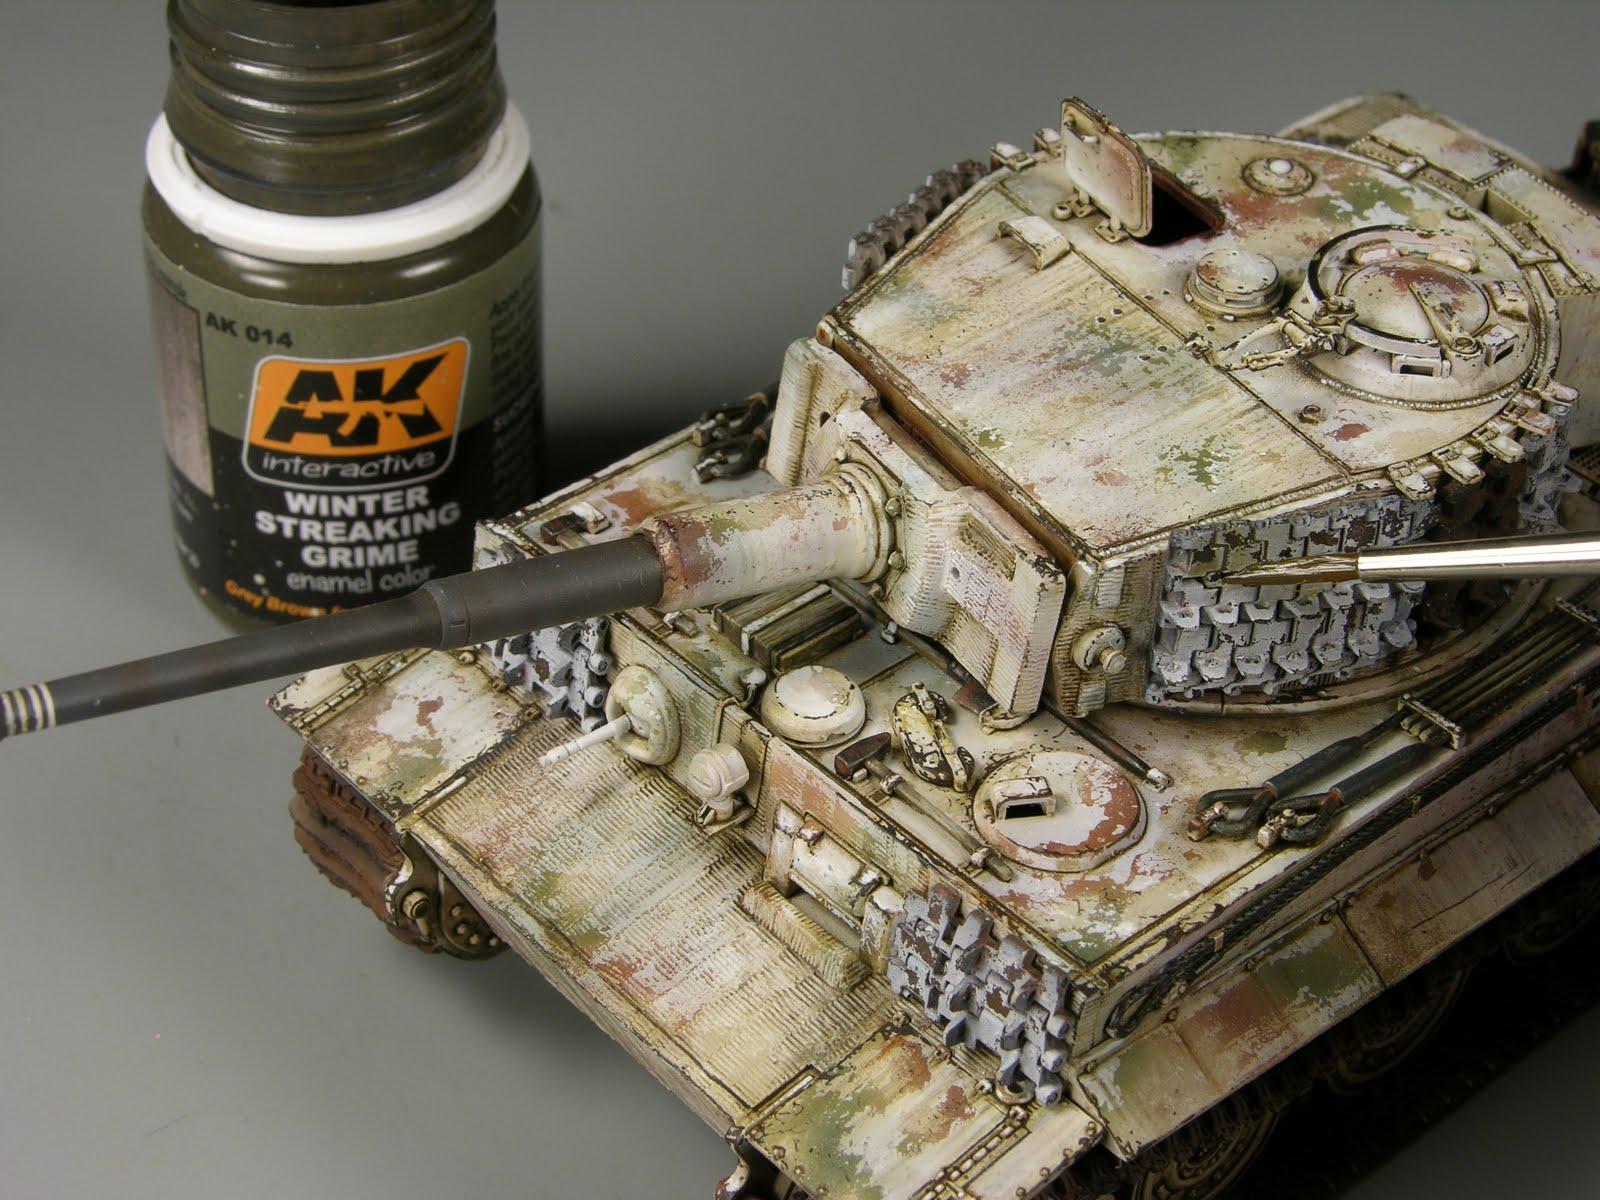 можете покраска моделей танков фото камуфляж допускать перегрева возникновения